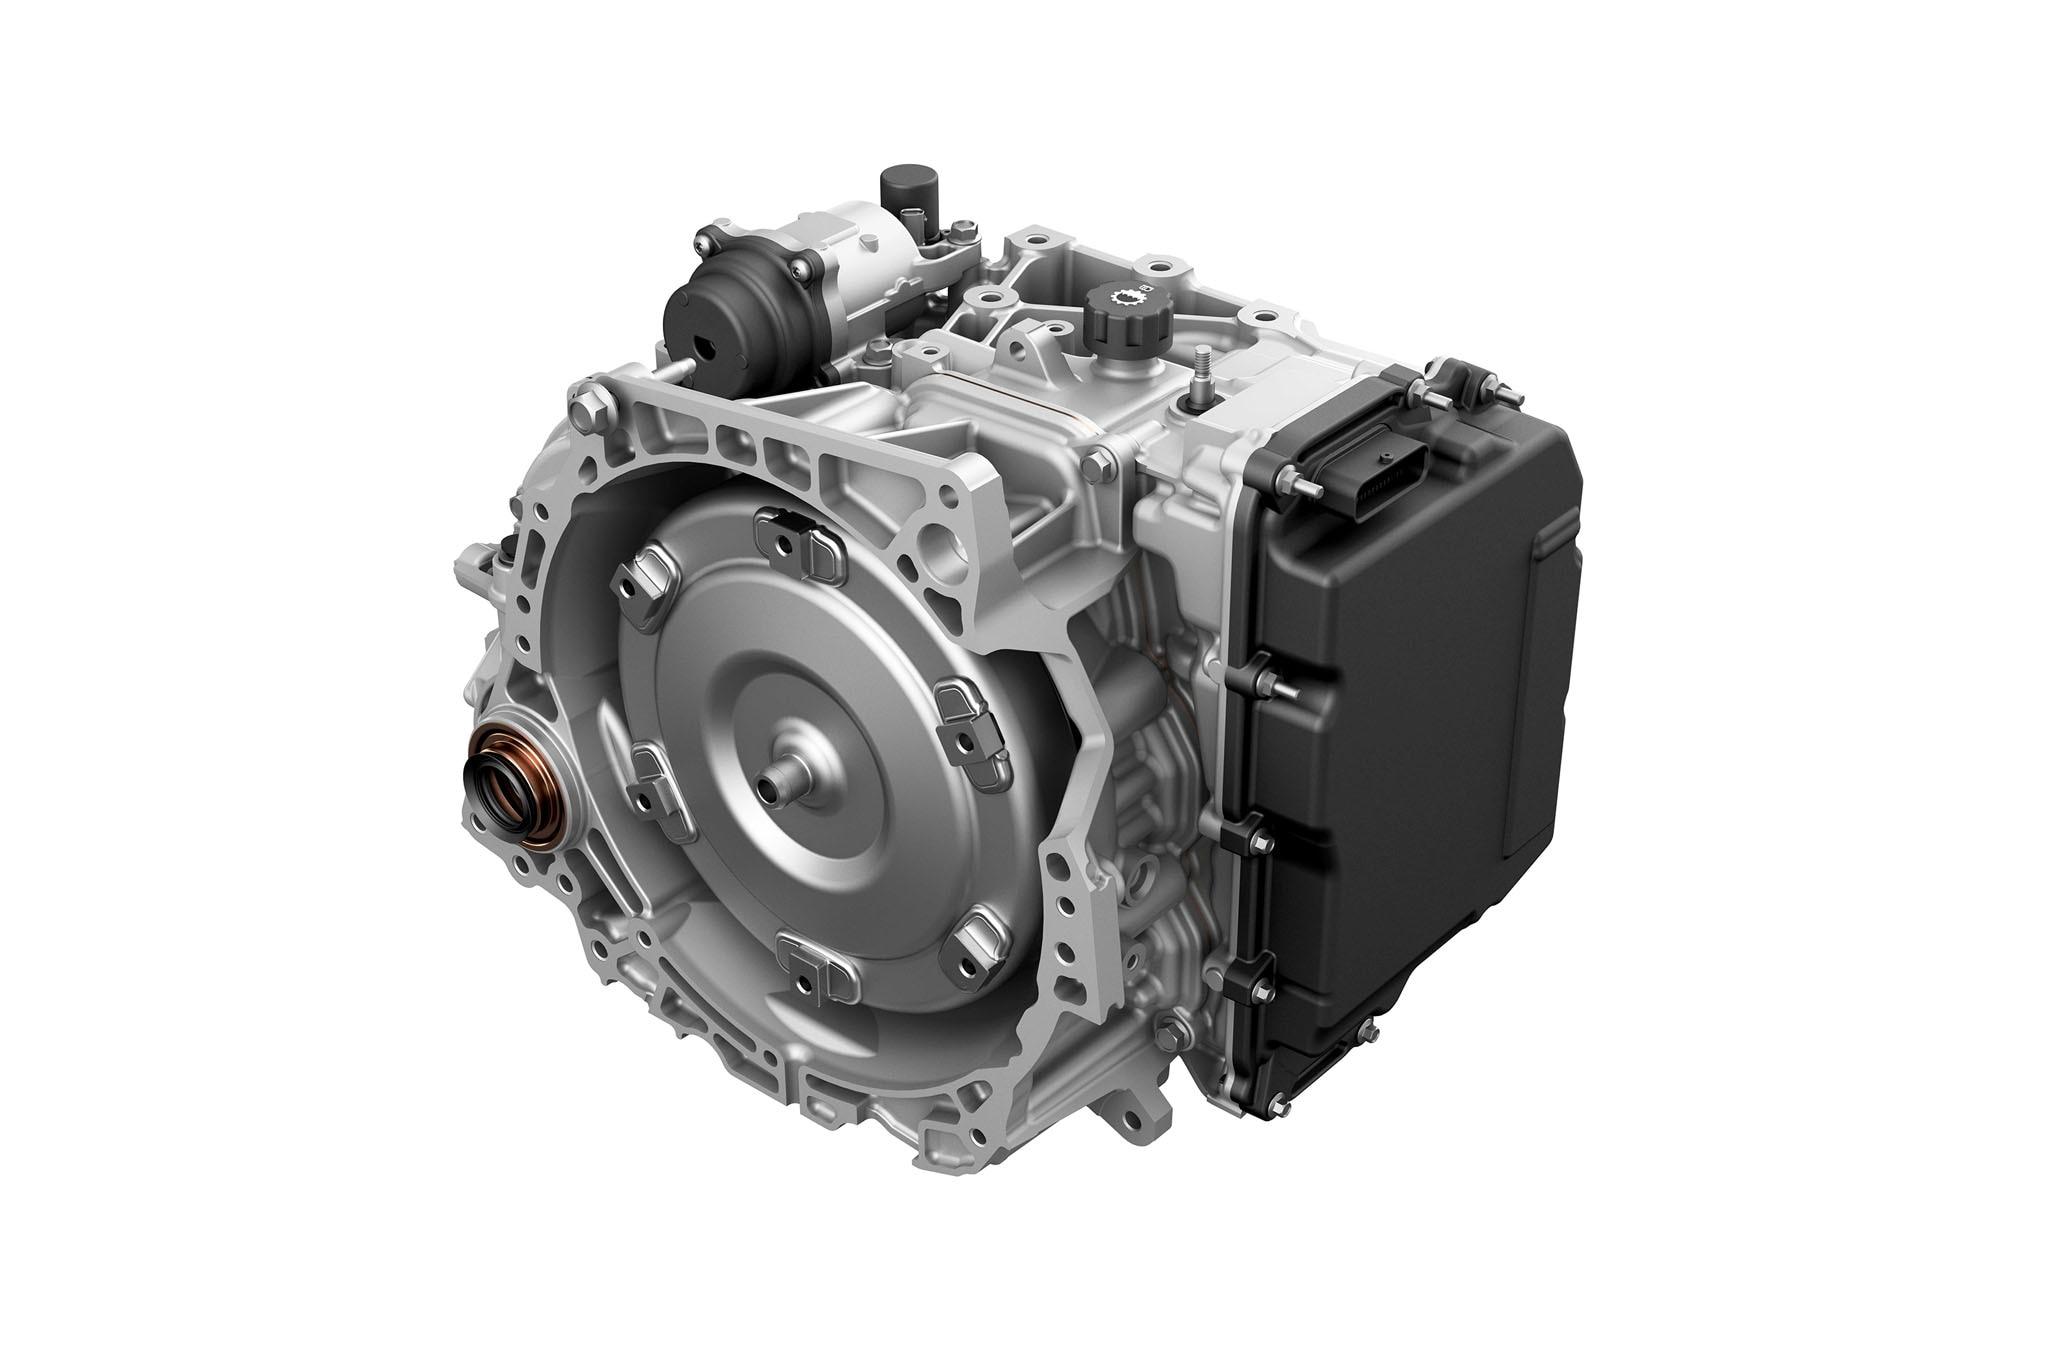 GM HydraMatic 9T50 nine speed transmission